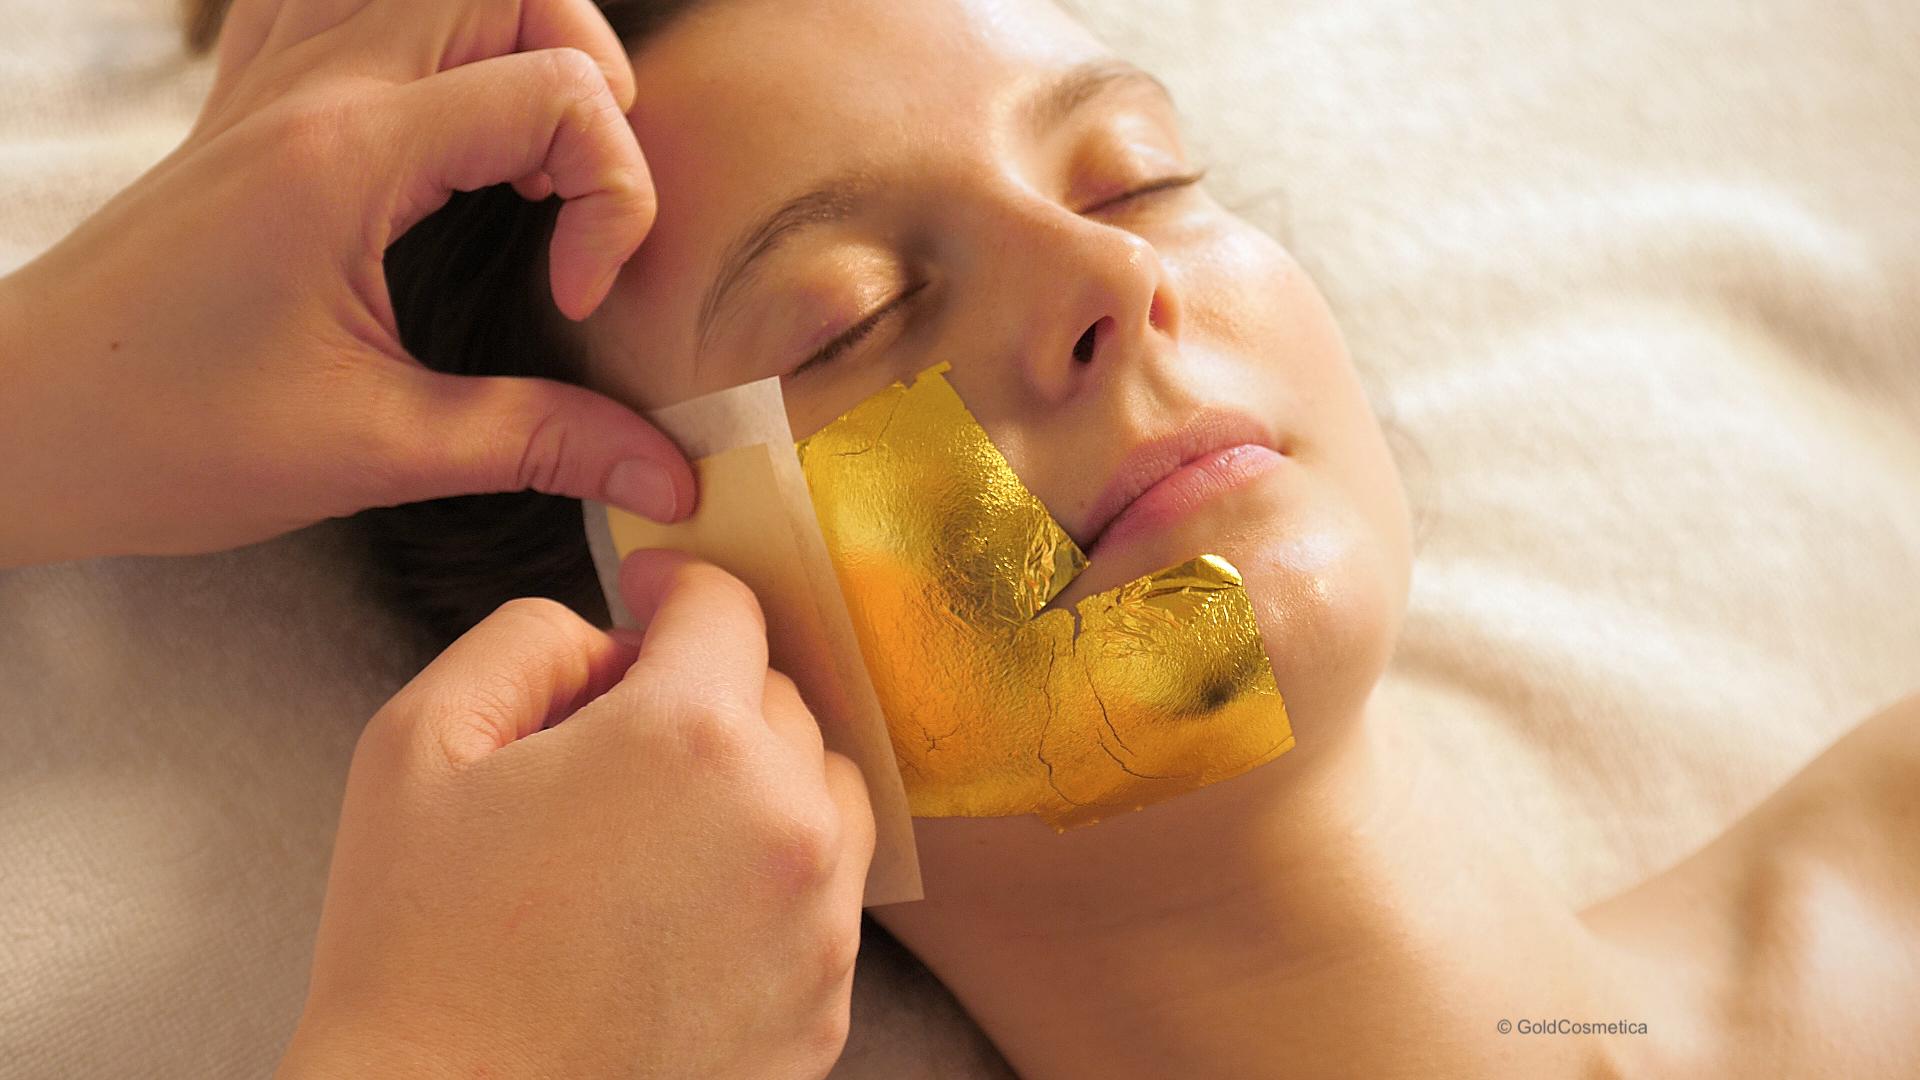 Gold in Kosmetik schädlich?